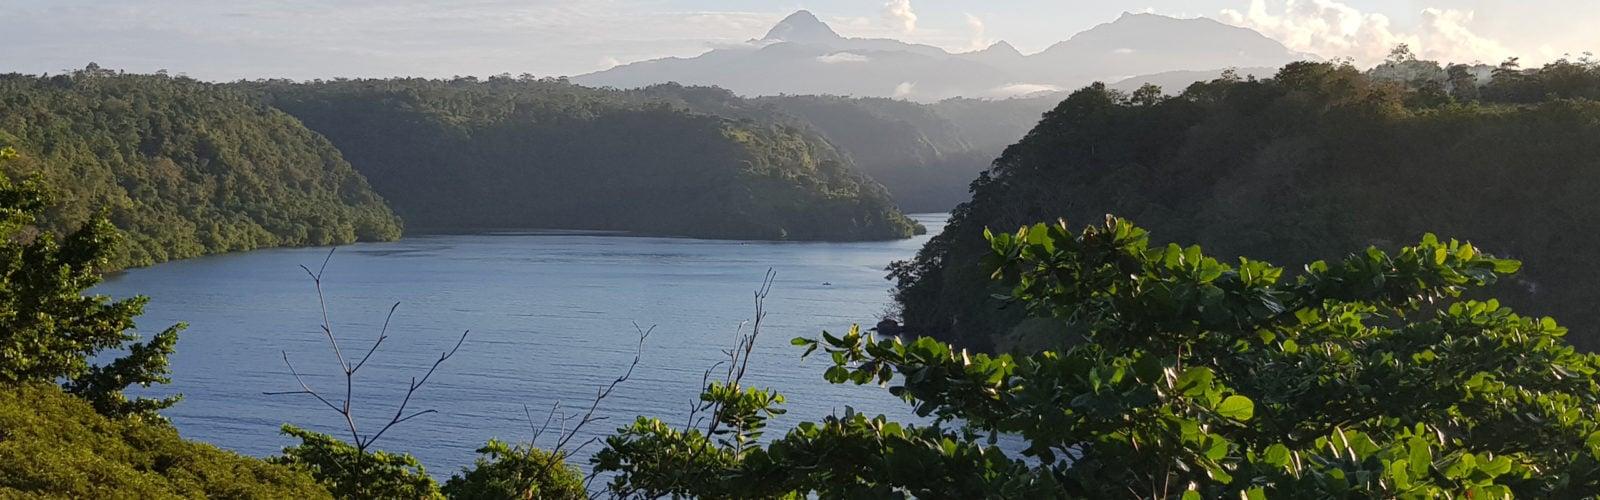 papua-new-guinea-coast